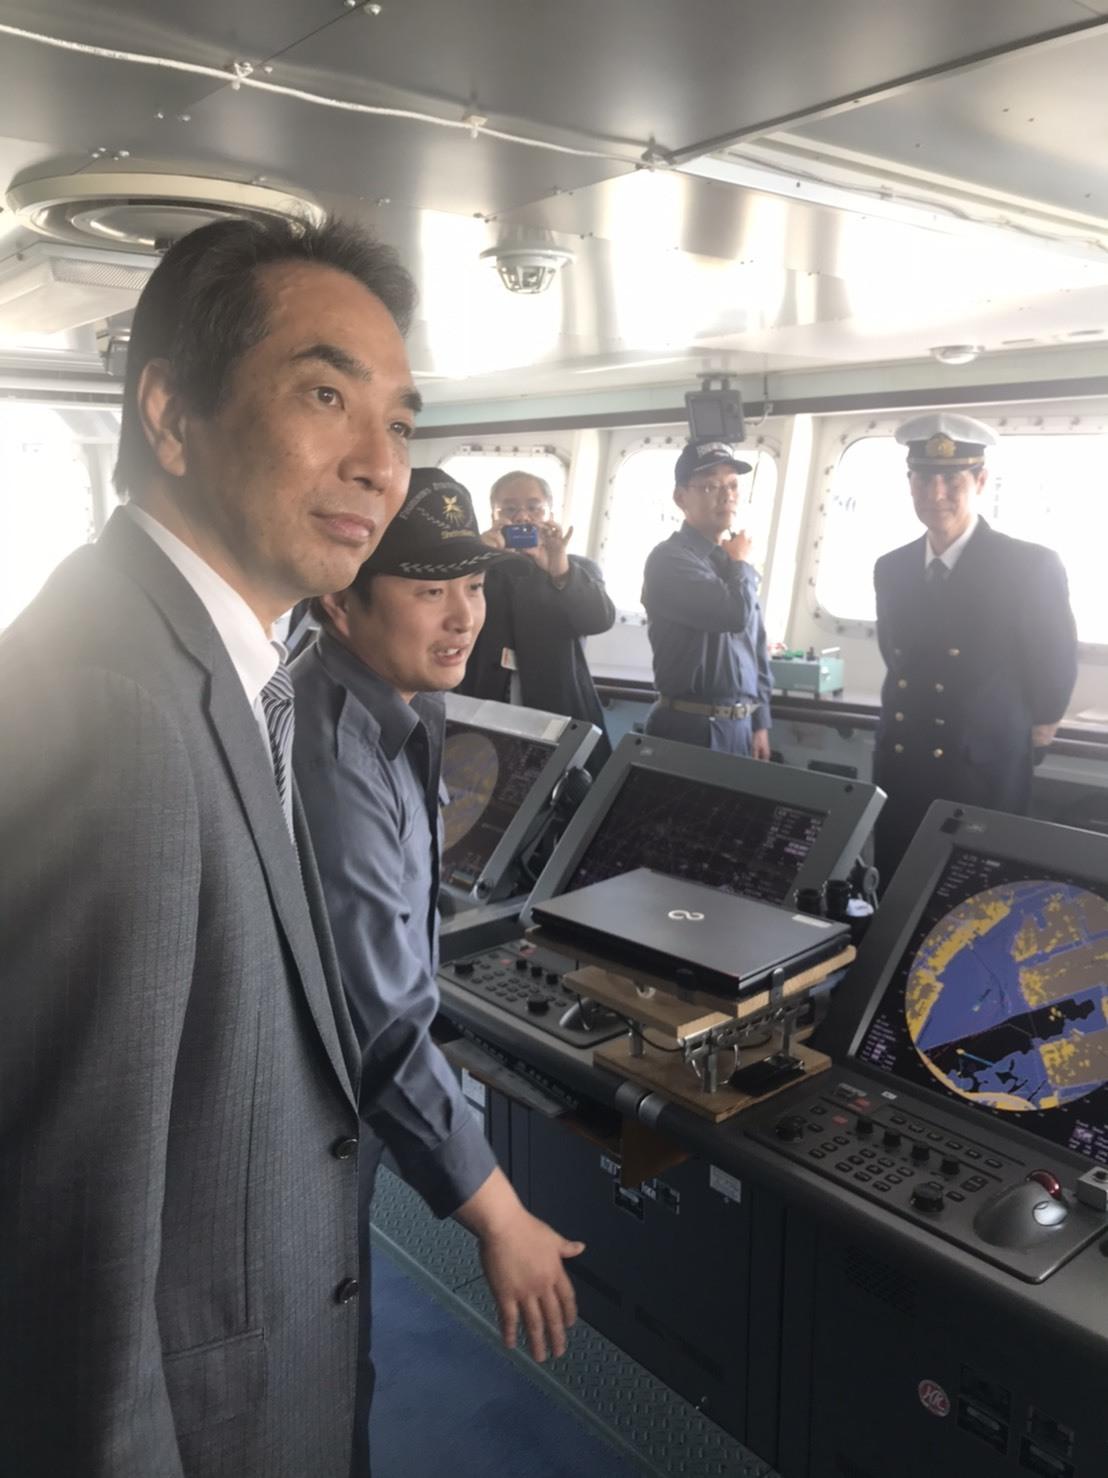 漁業取締船「照洋丸」視察_a0143152_13090782.jpeg